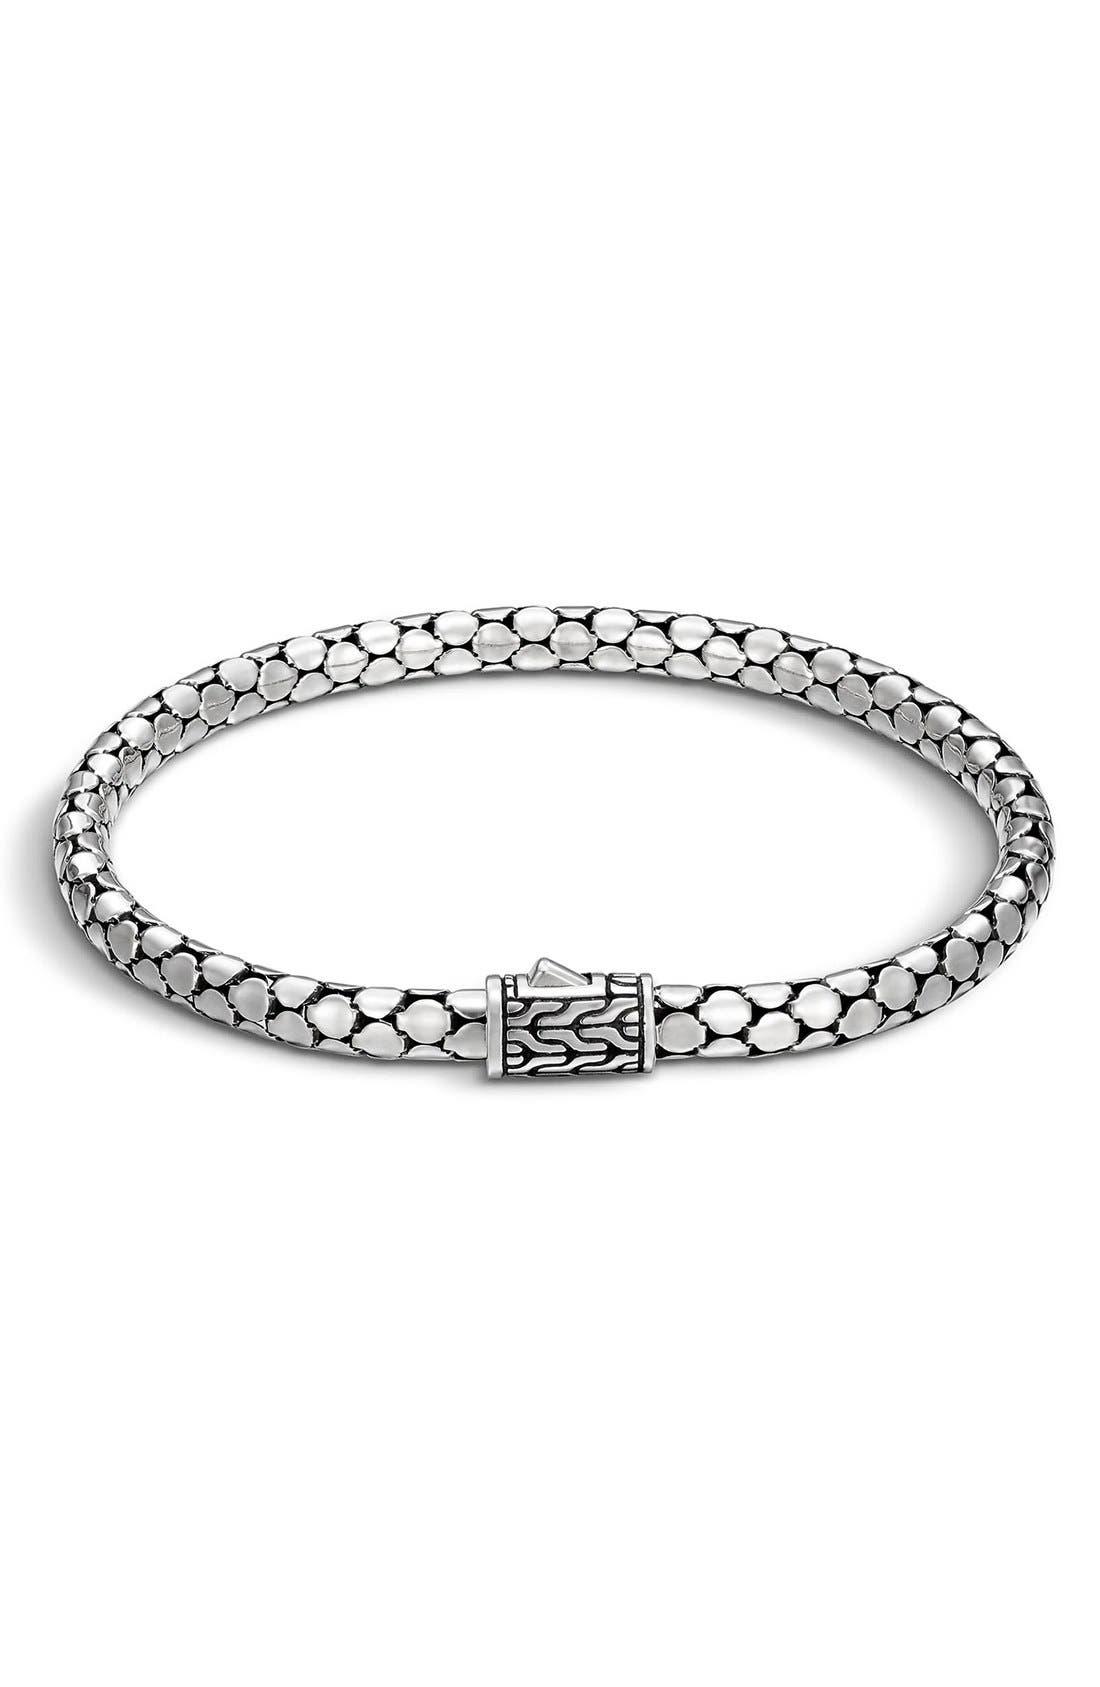 Alternate Image 1 Selected - John Hardy Dot Chain Bracelet